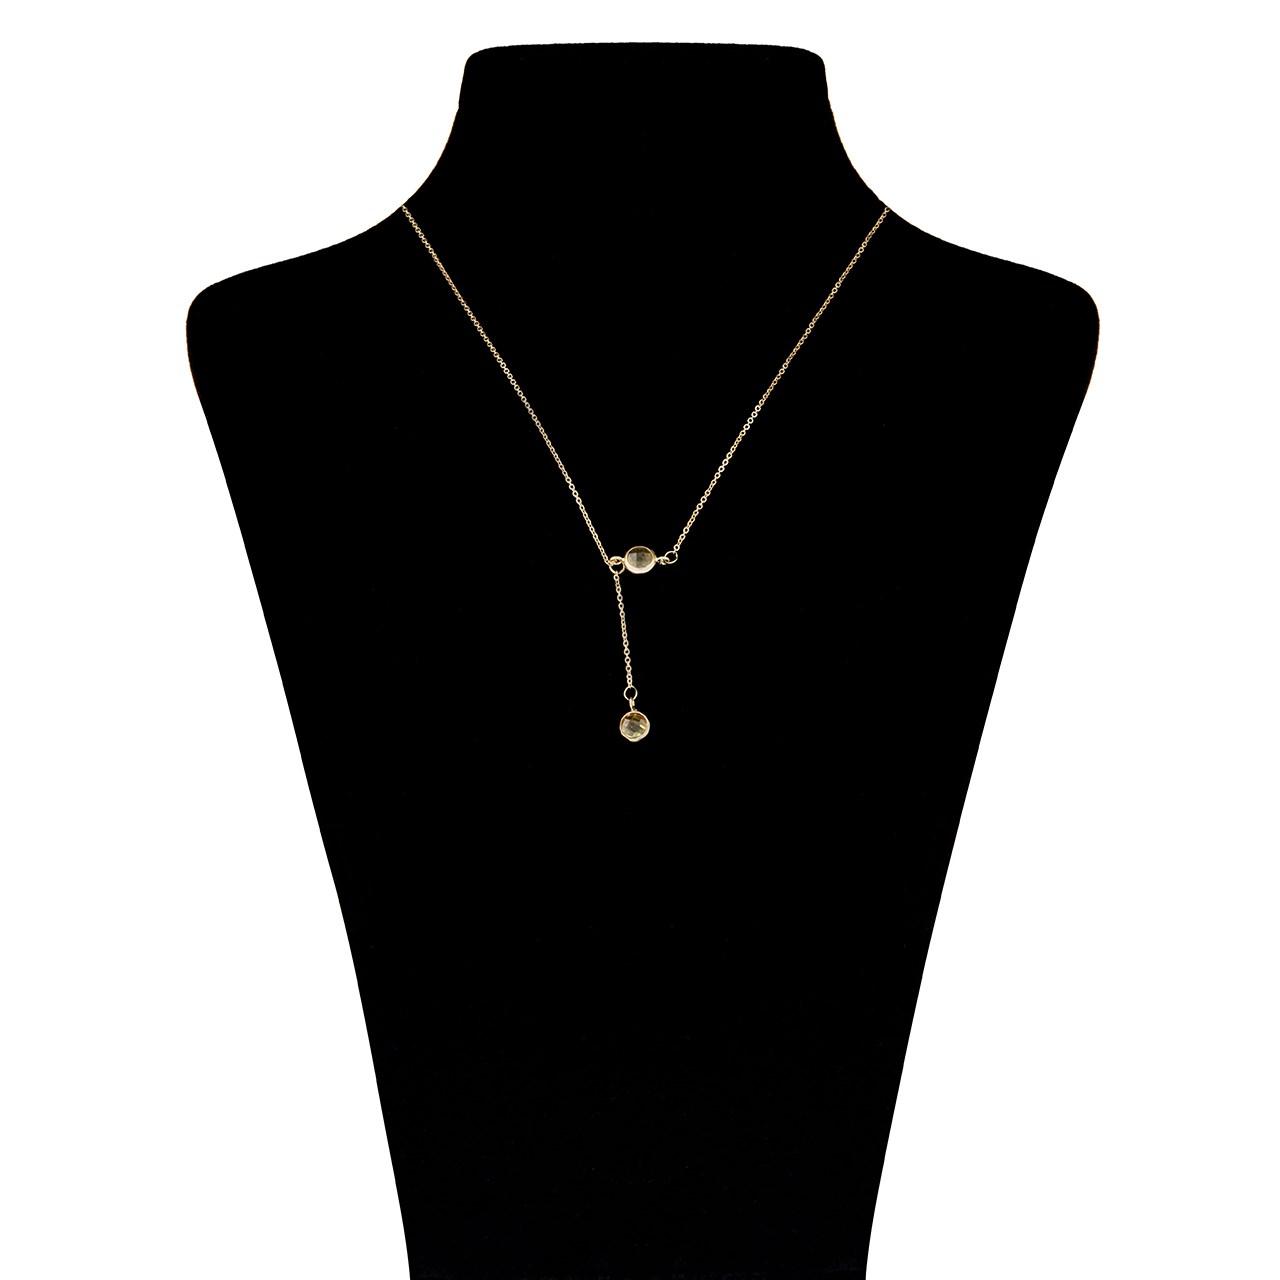 قیمت گردنبند طلا 18 عیار ماهک مدل MM0583 - مایا ماهک